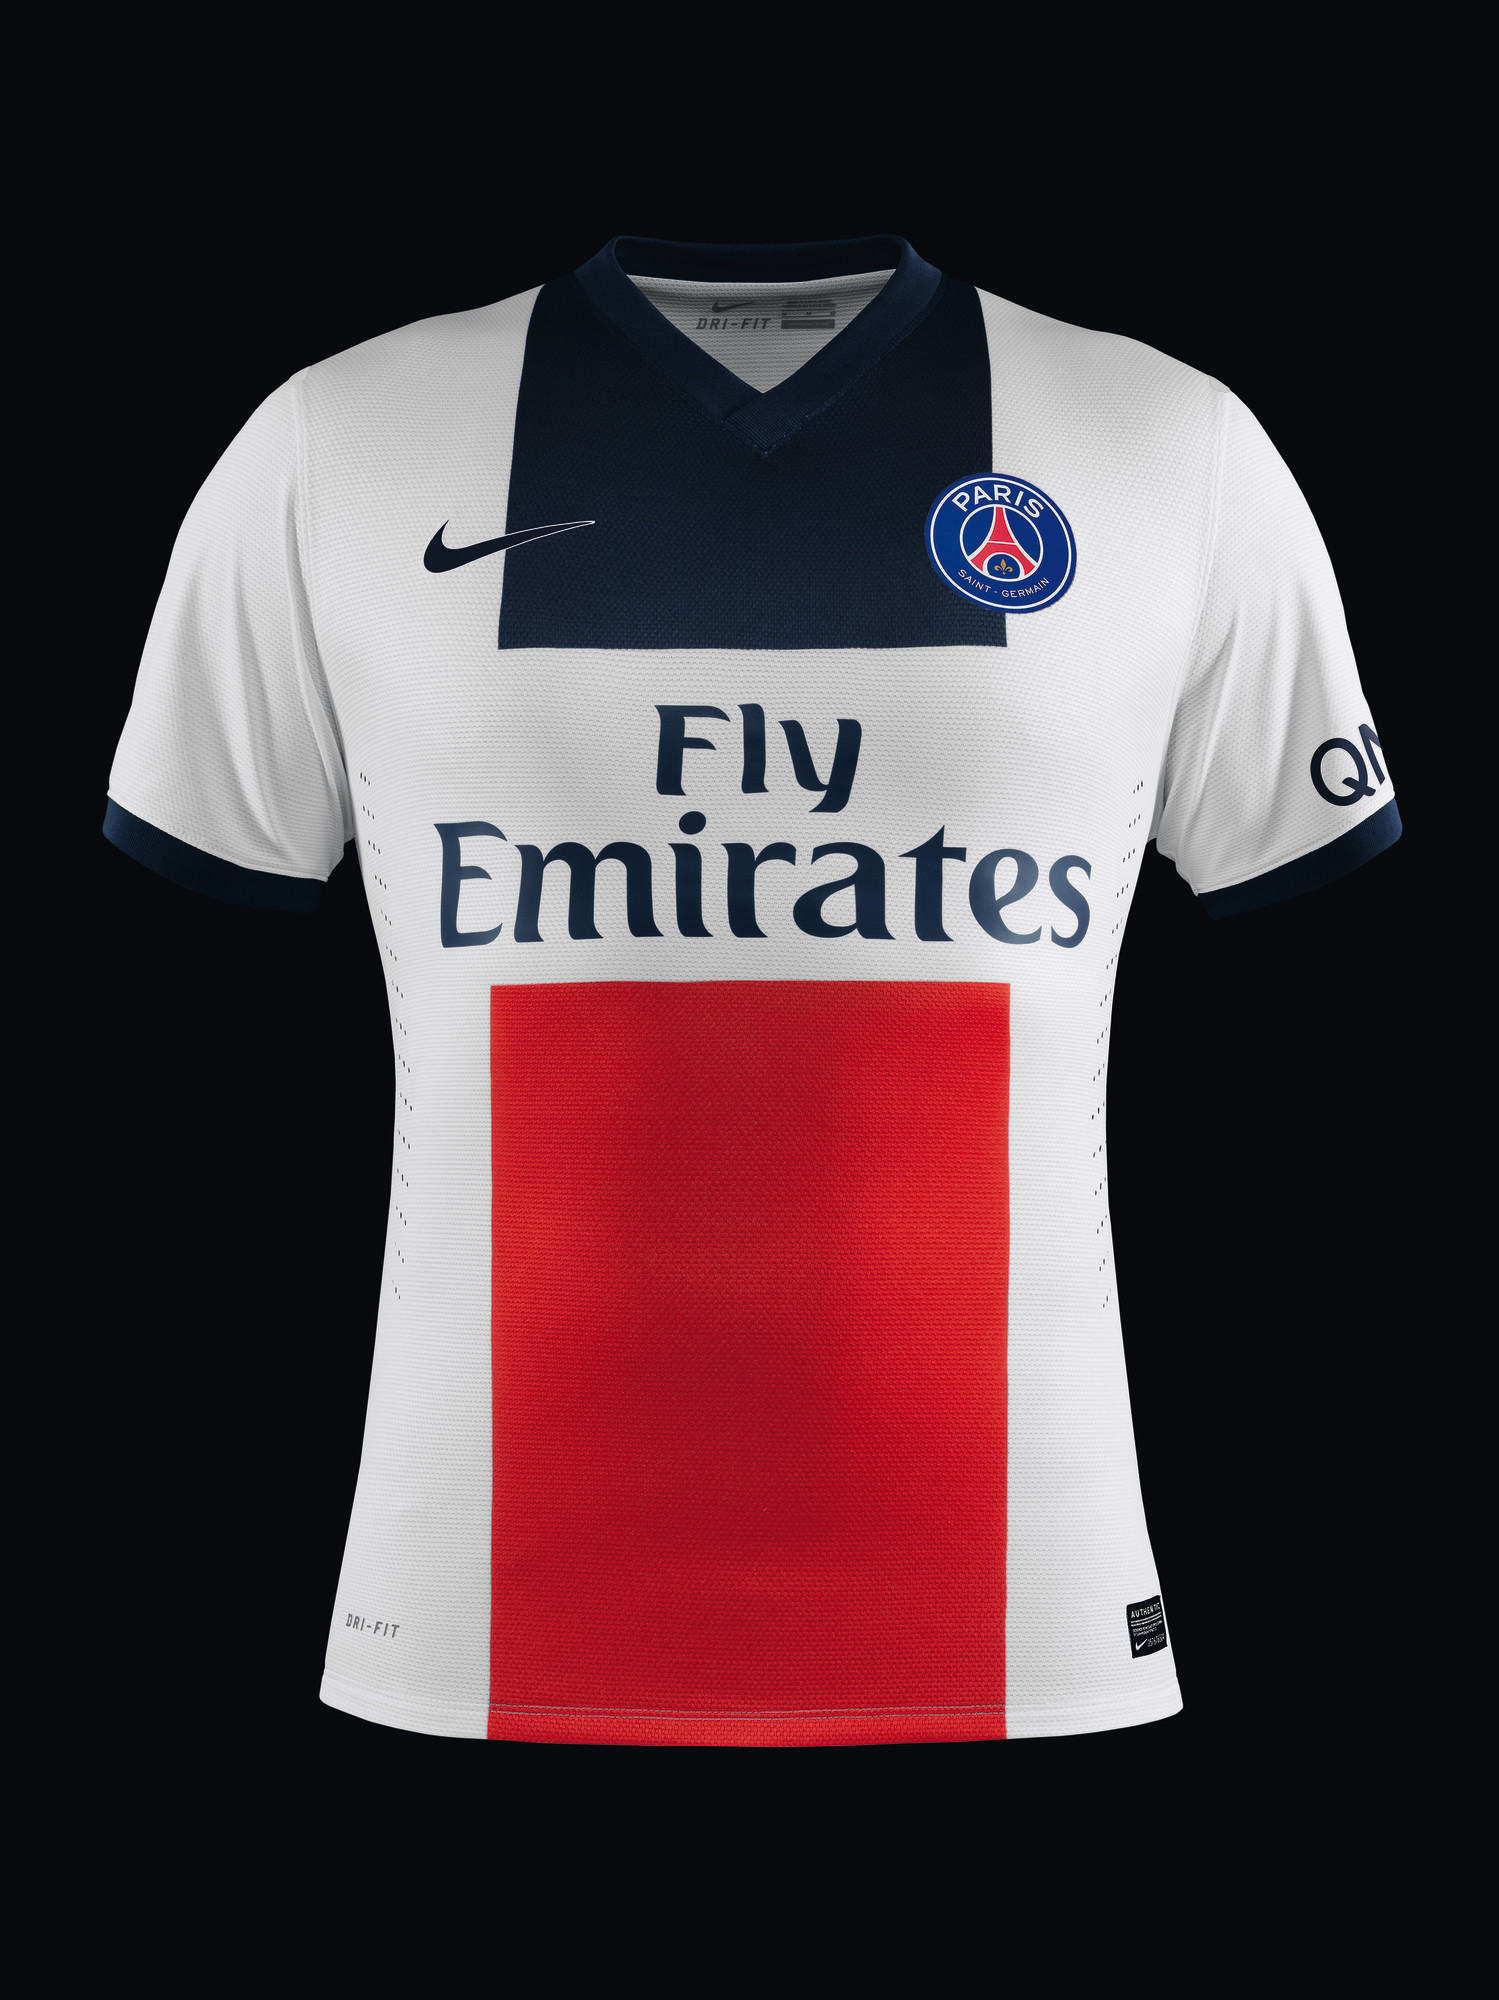 Nike unveils new paris saint germain away kit for 2013 14 for Maillot exterieur psg